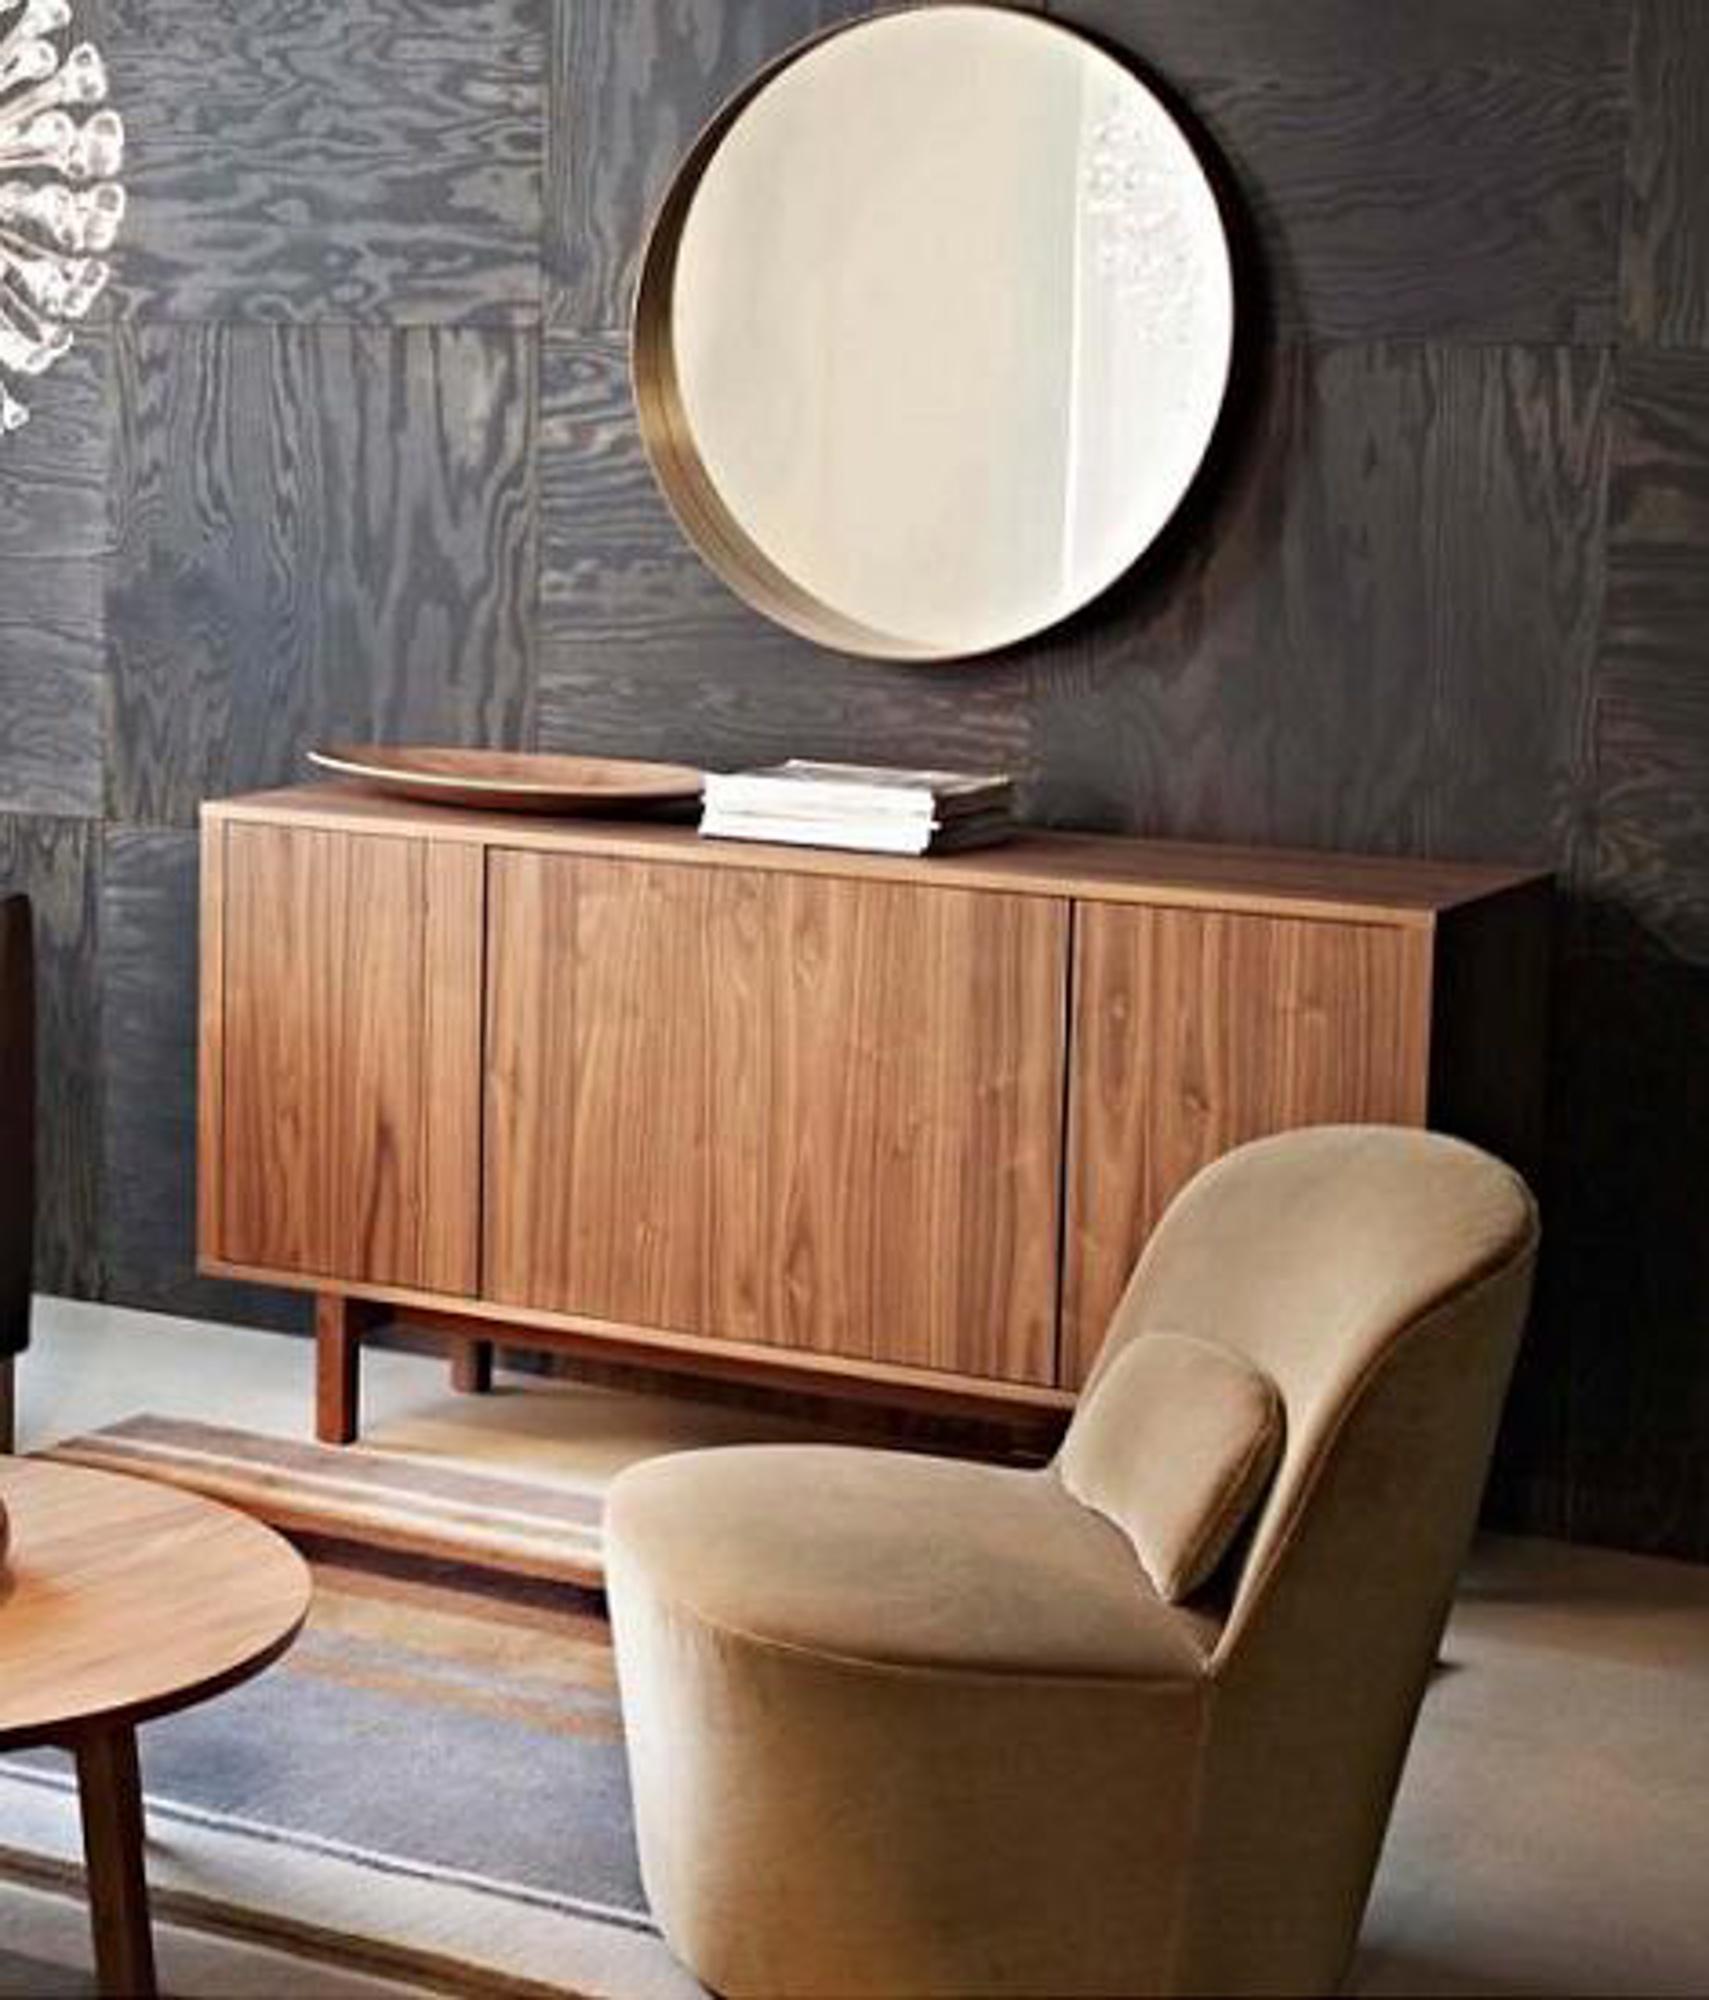 Ikea nos trae novedades la casa de mar orden y deco el blog - Mueble aparador ikea ...